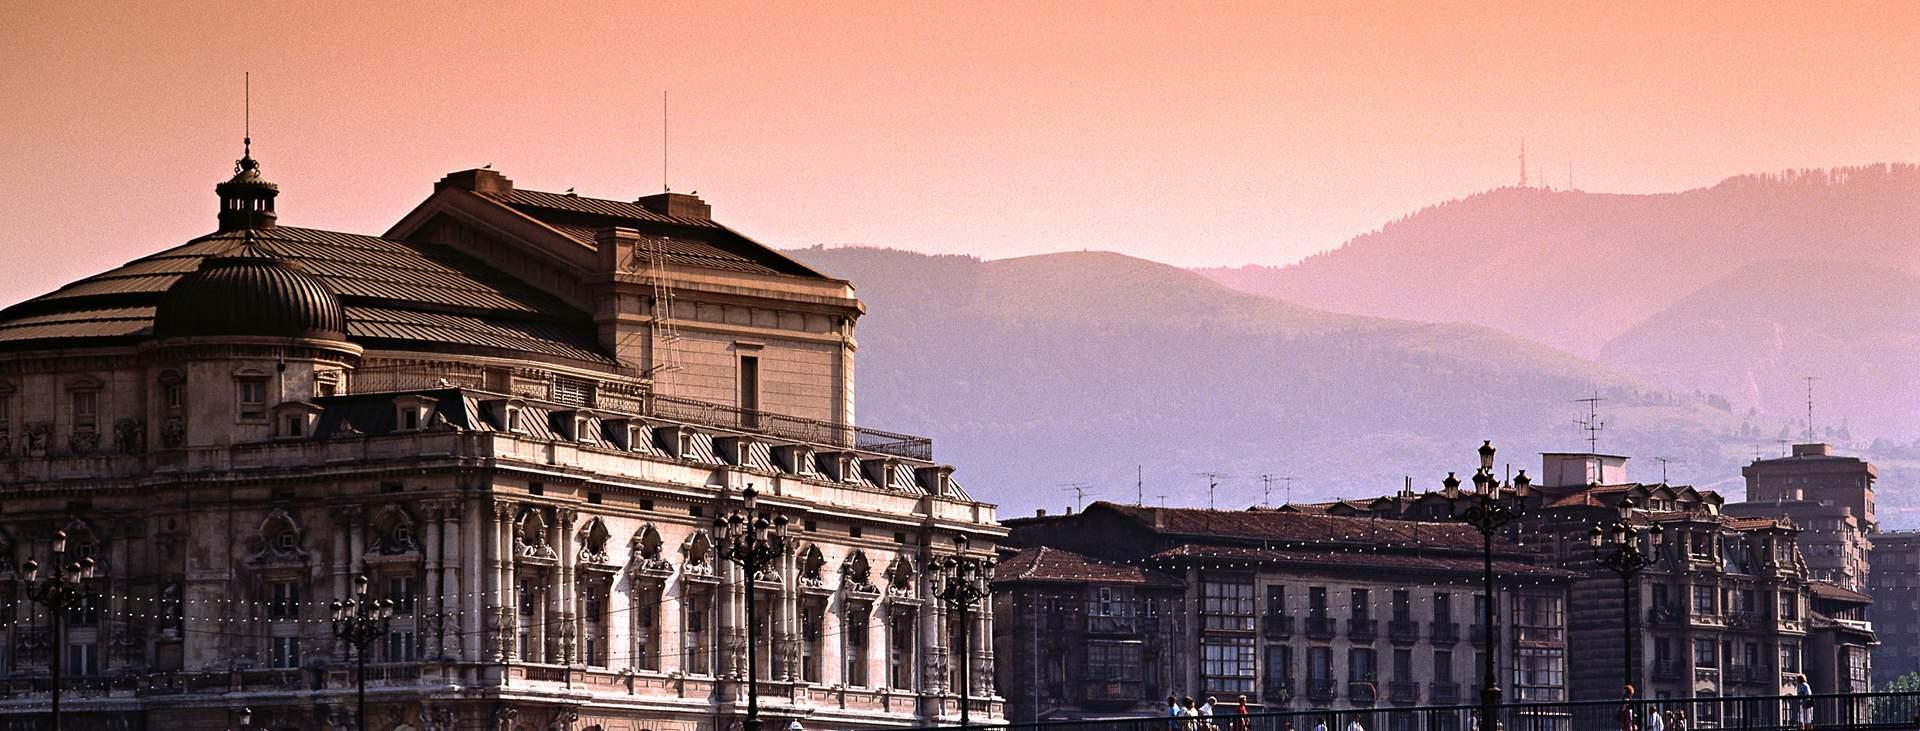 Boka din resa till Bilbao i Spanien med Ving